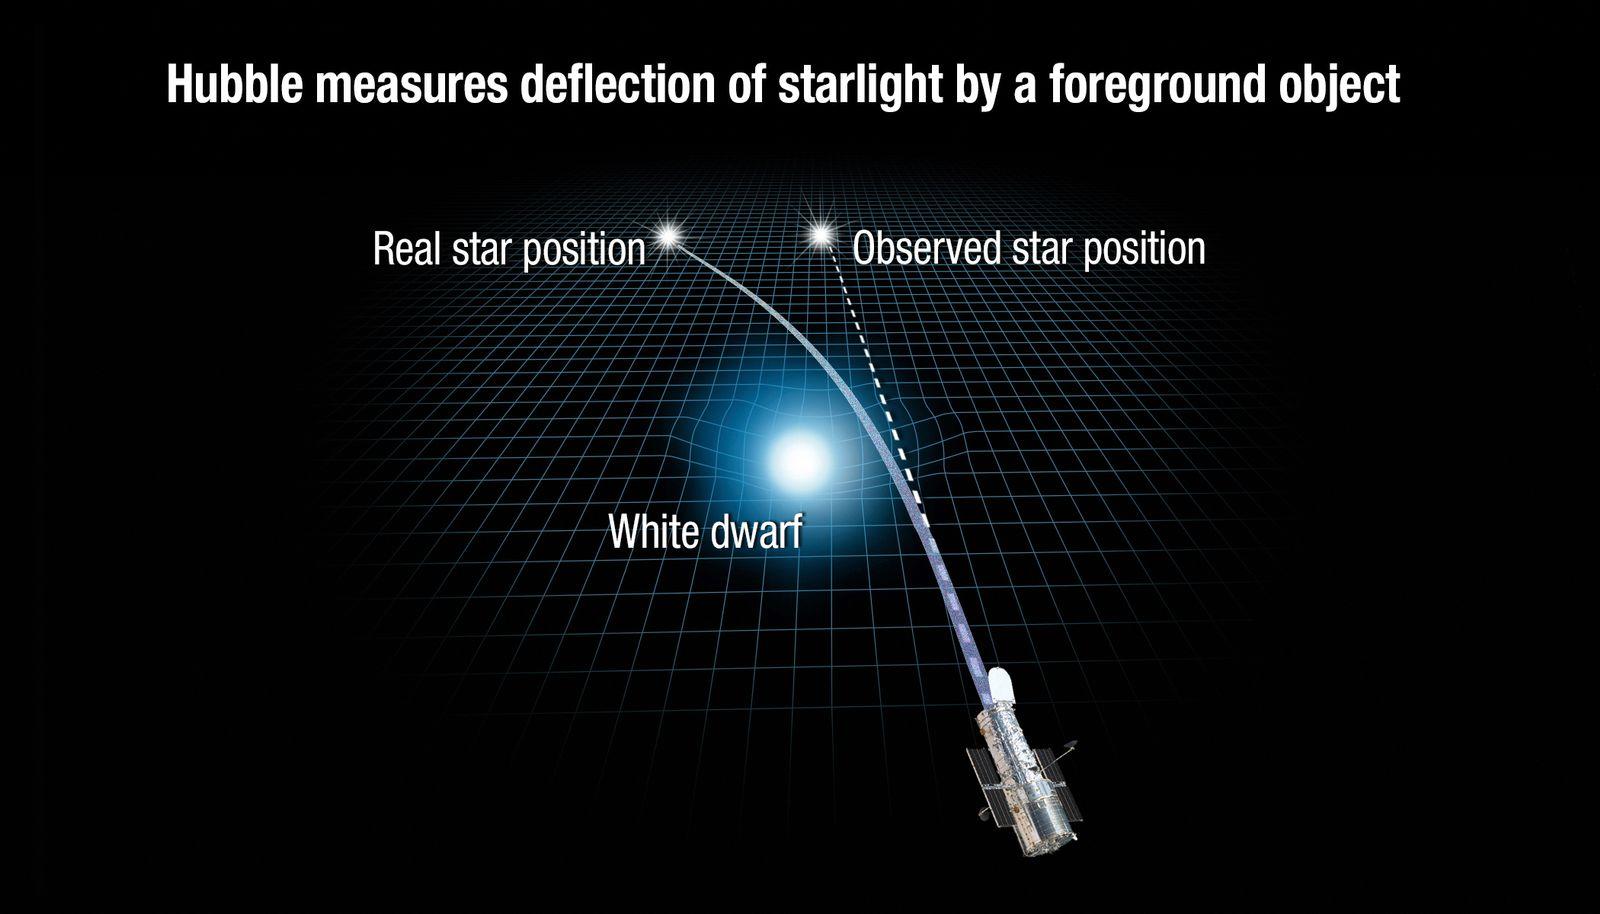 SPERRFRIST 07.06.17 17:15UHR Stern / Gewicht / Gravitation